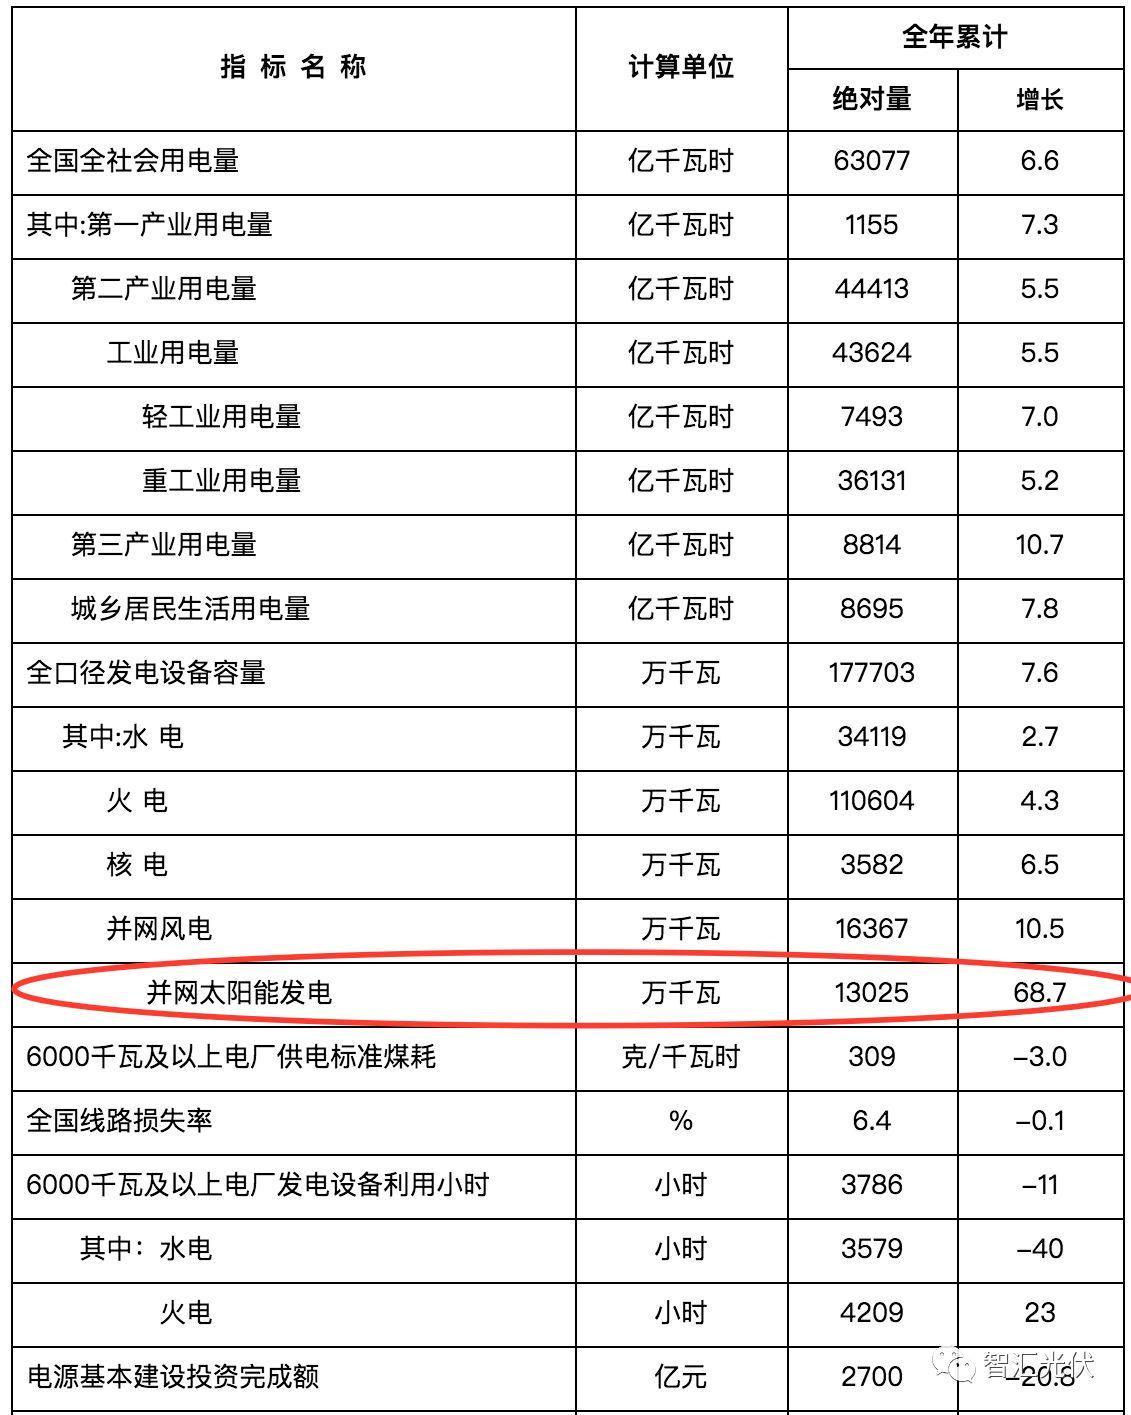 2017年光伏新增52.83GW、累计并网130.25GW